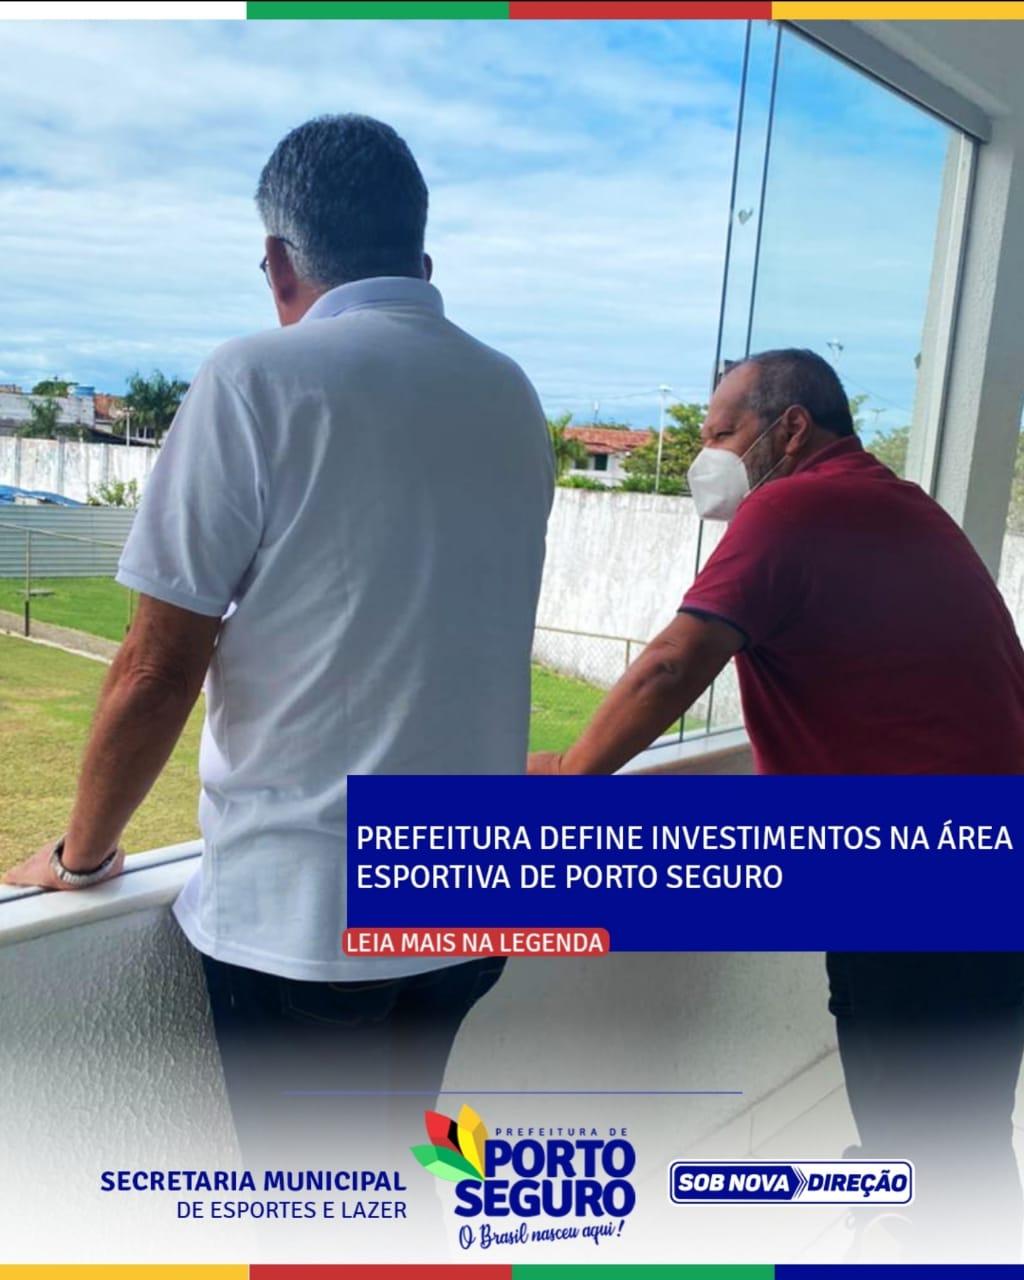 Prefeitura define investimentos na área esportiva de Porto Seguro 18